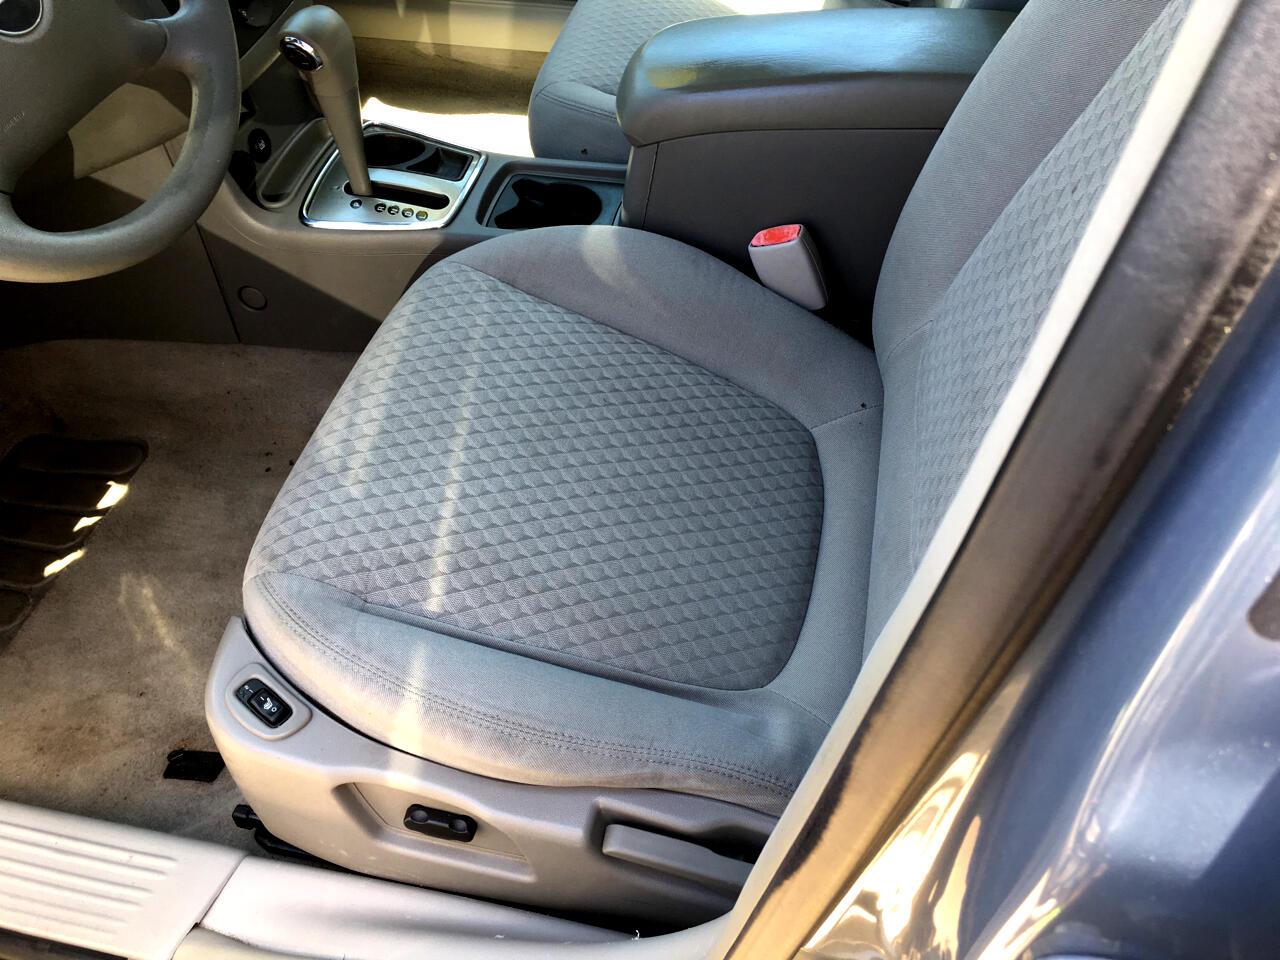 2008 Chevrolet Malibu 1LT